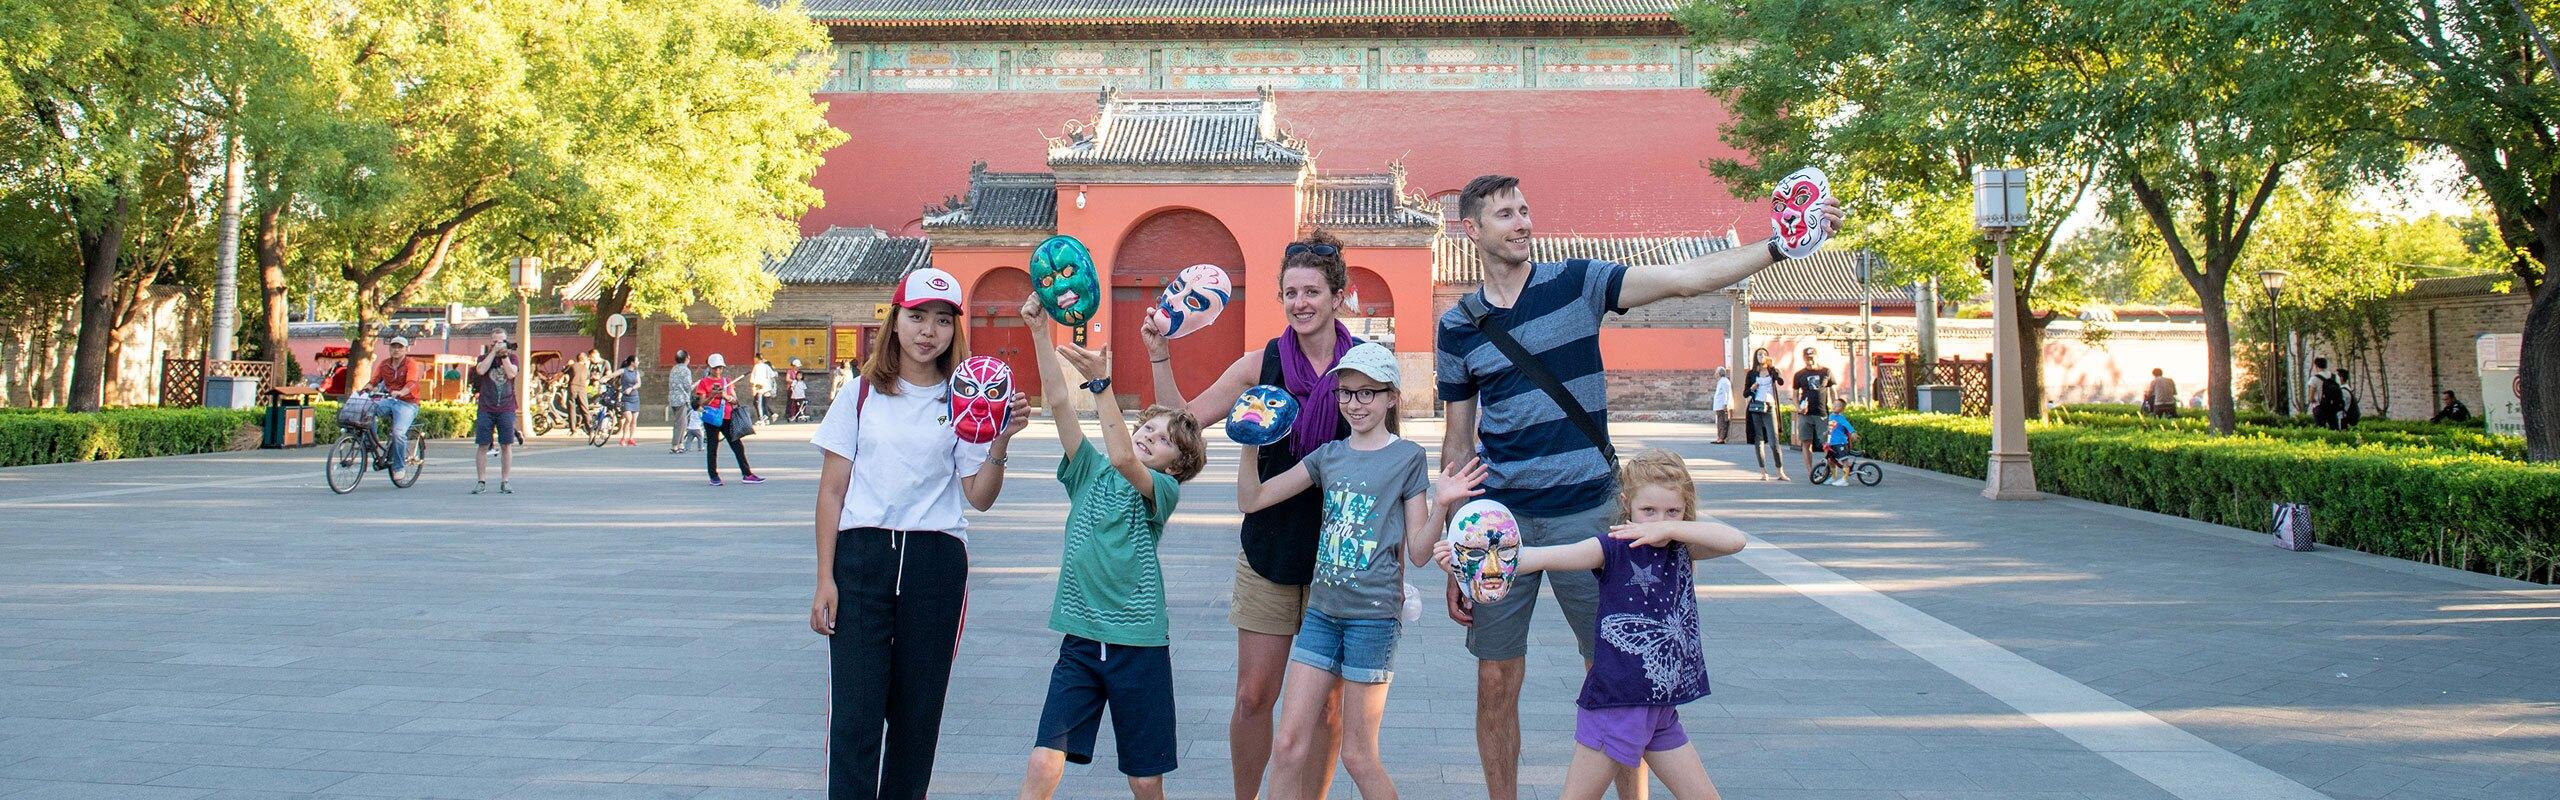 5 Days Beijing Family Tour